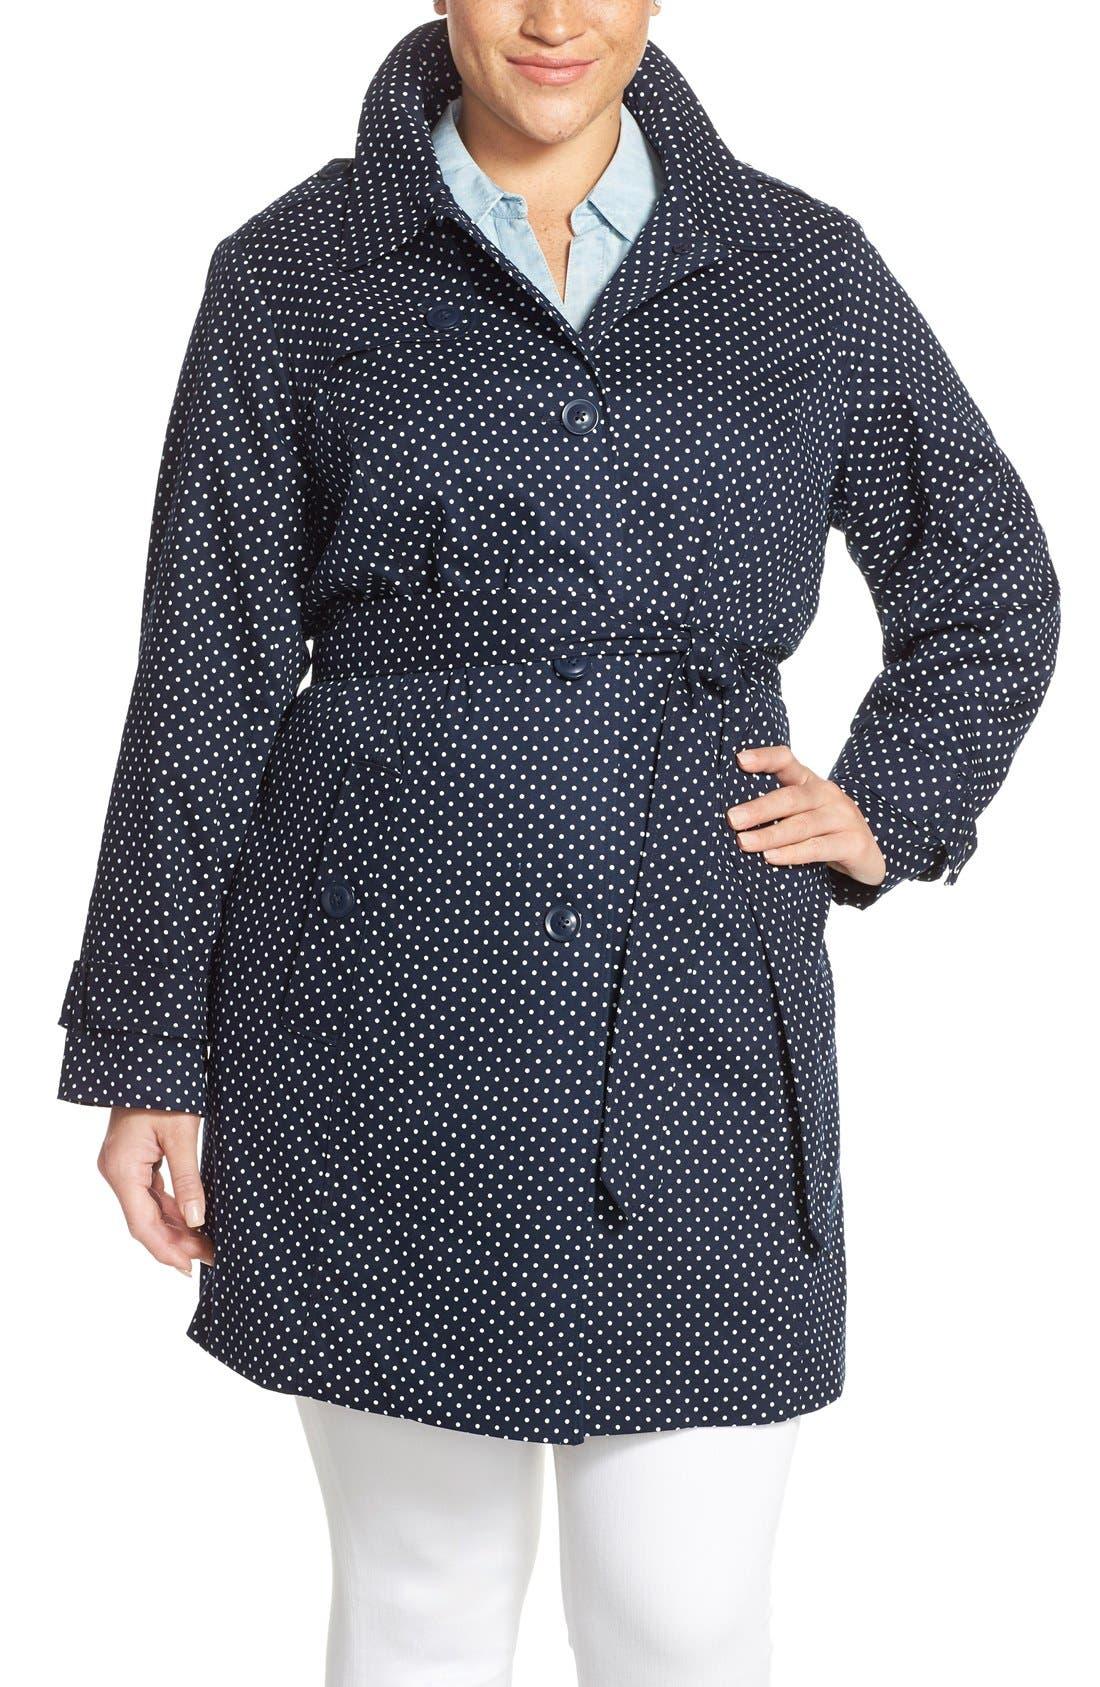 Polka Dot Single Breasted Trench Coat,                             Main thumbnail 1, color,                             410